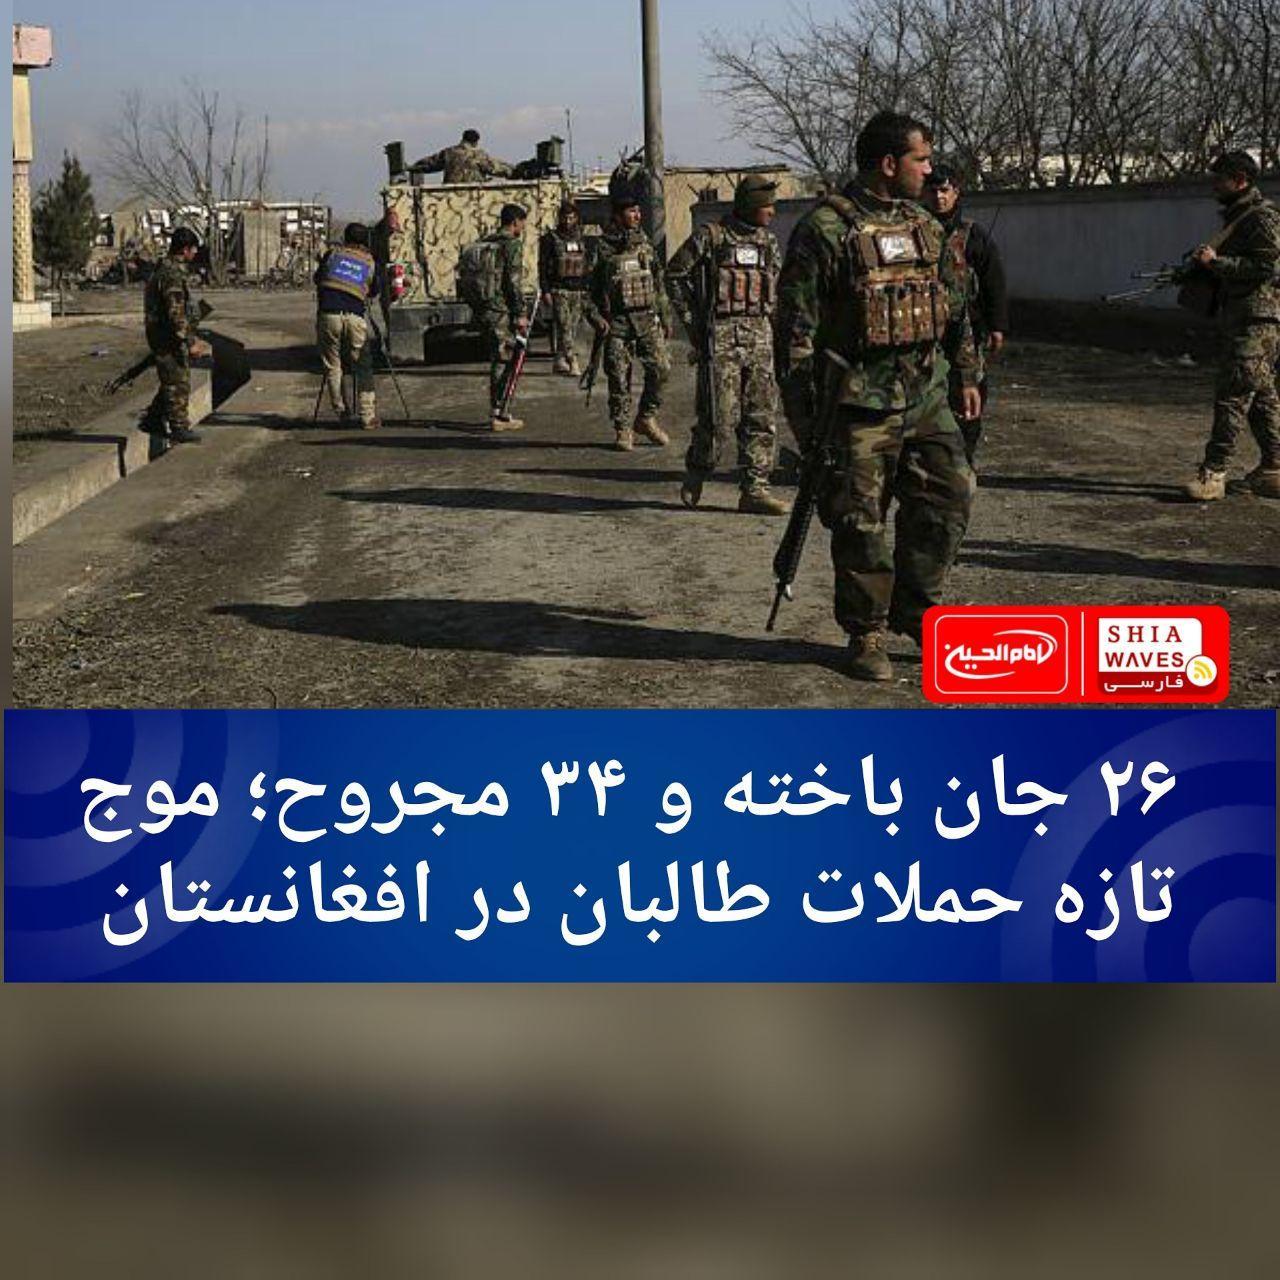 تصویر ۲۶ جان باخته و ۳۴ مجروح؛ موج تازه حملات طالبان در افغانستان